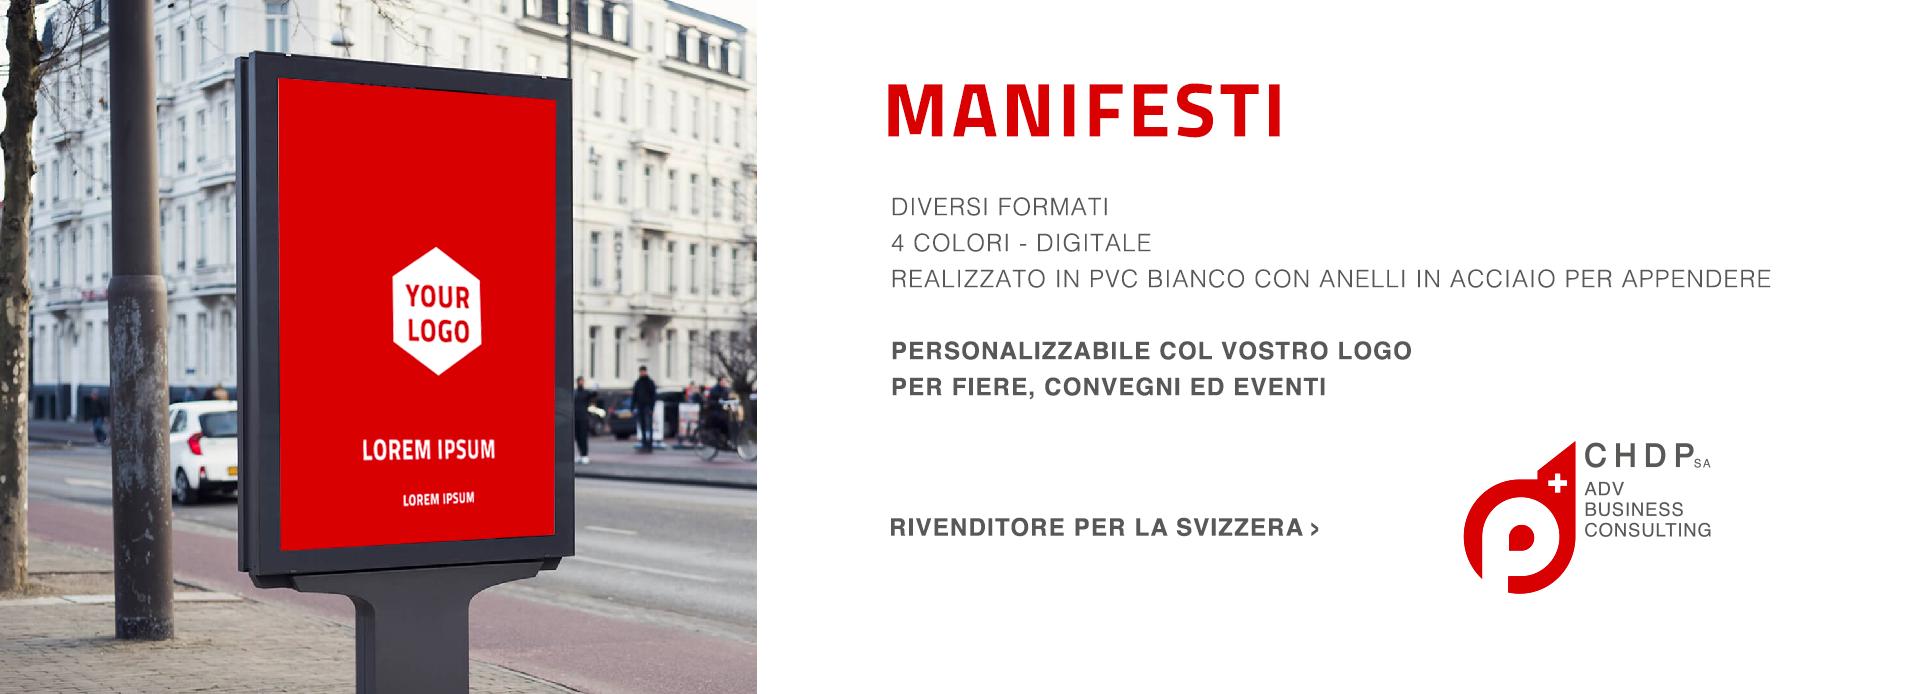 Manifesti personalizzabili per la tua azienda in Svizzera